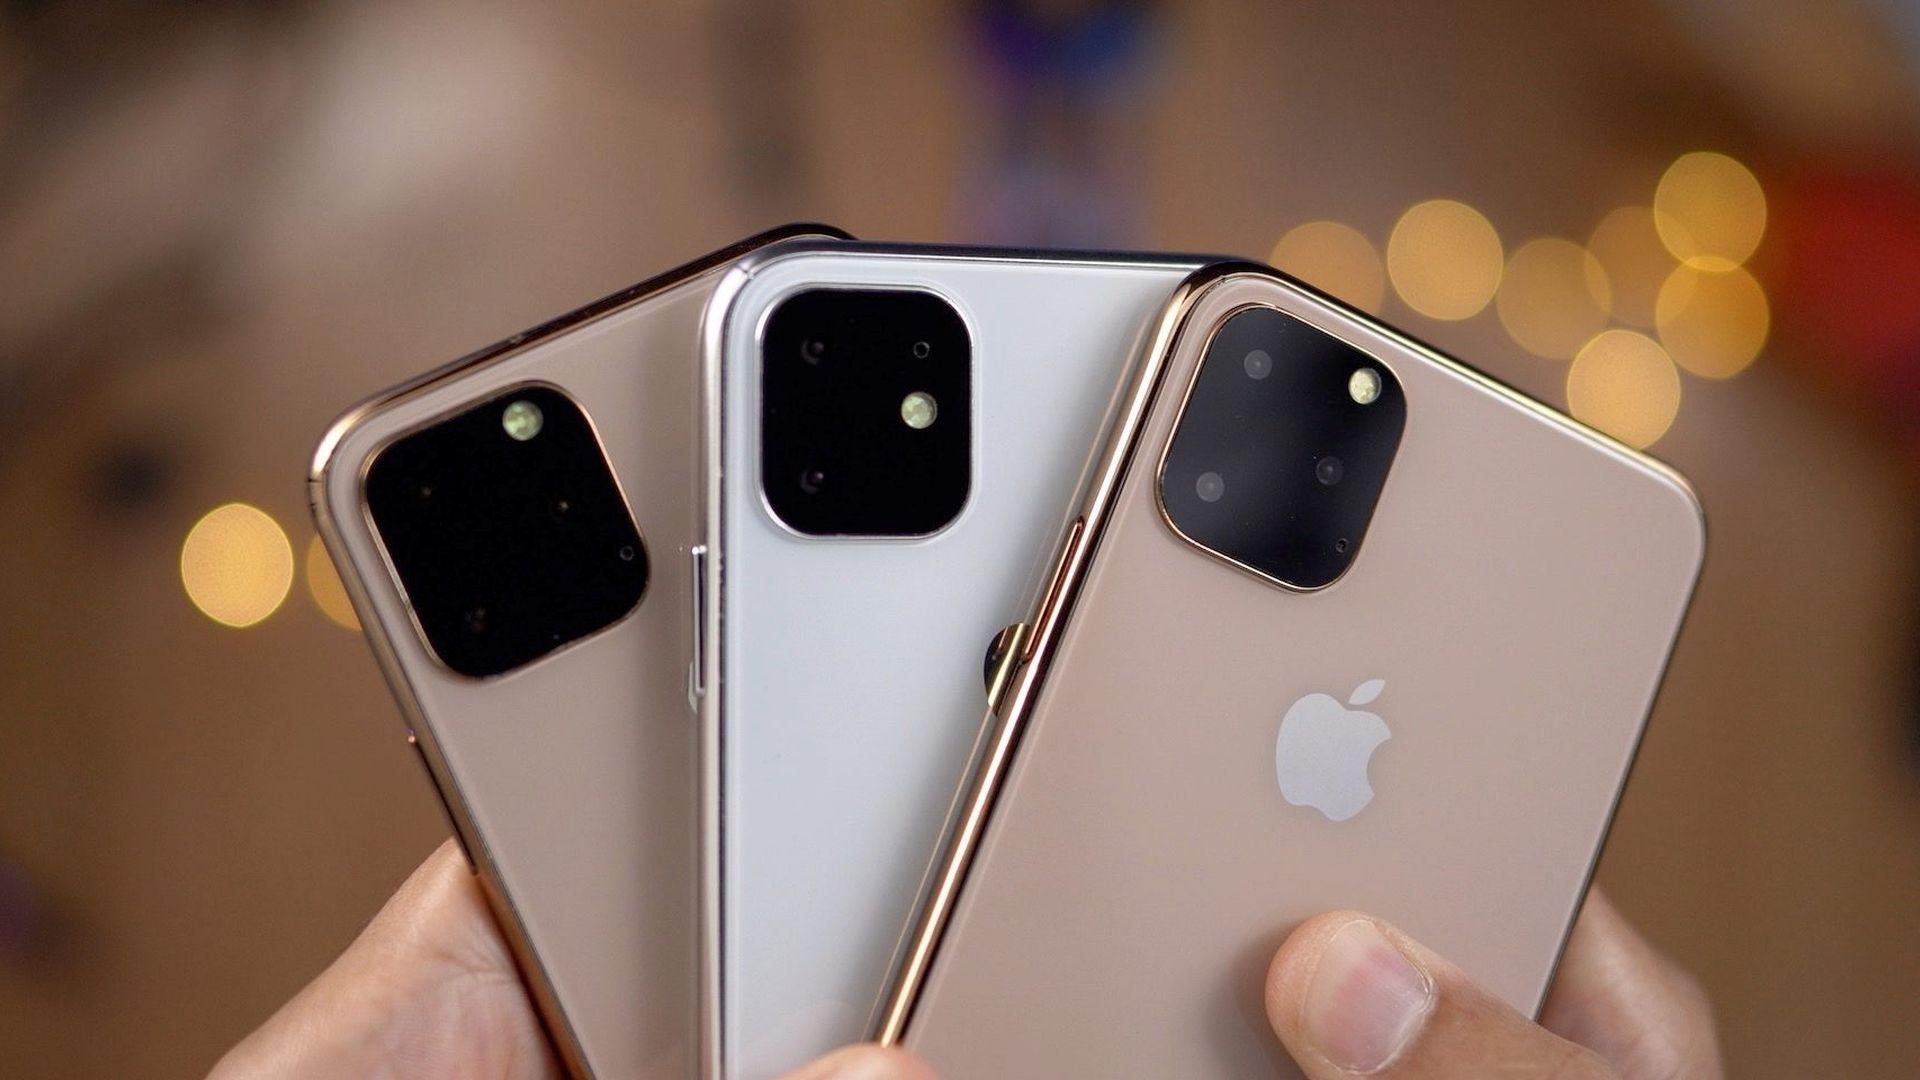 Najnowsze informację związane z tematem tegorocznego iPhone'a 11